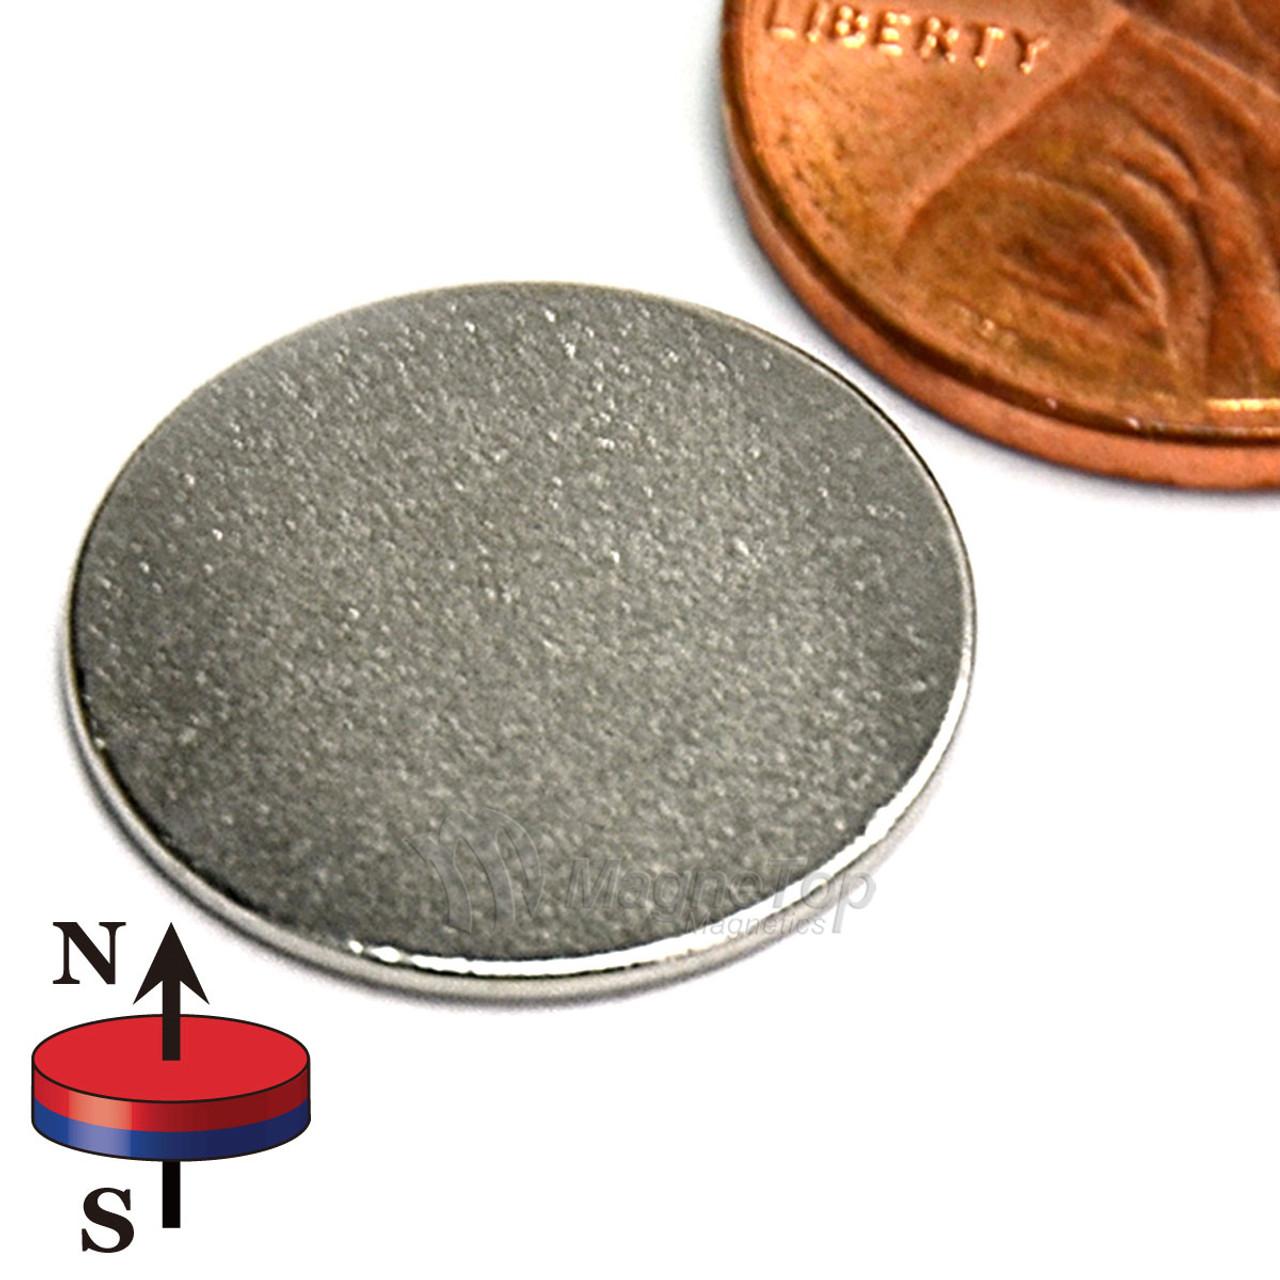 Neodymium Disk - 15mm x 1mm